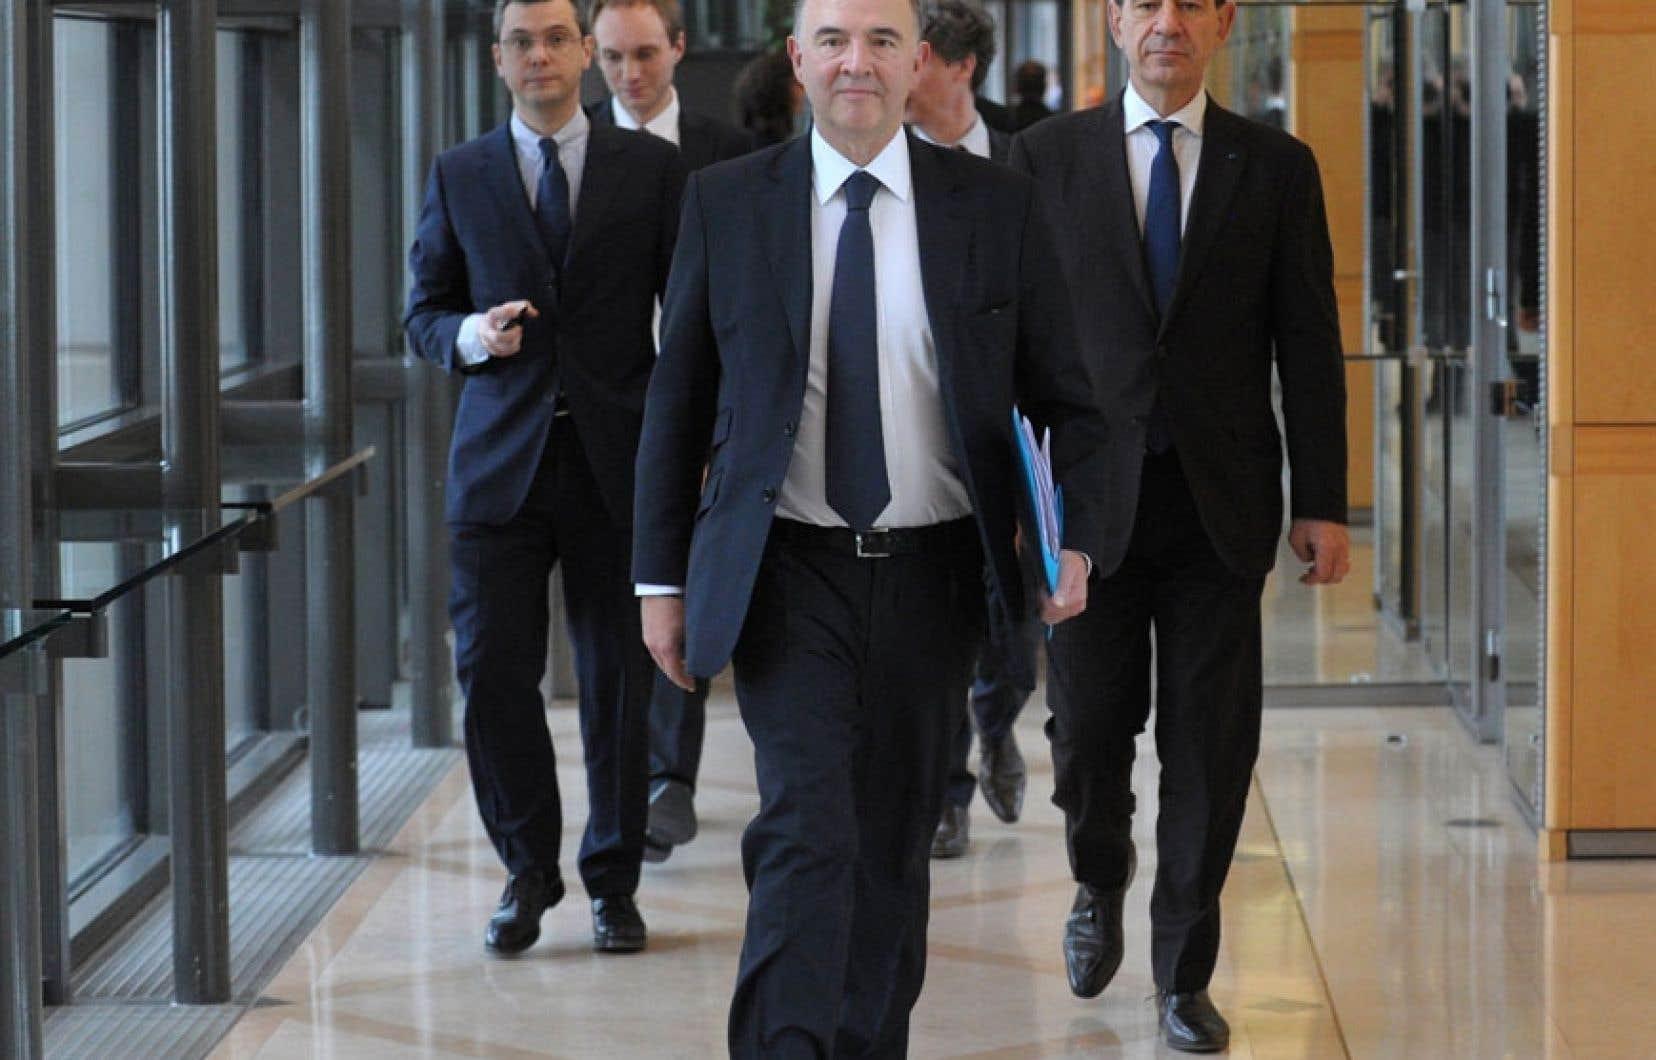 Le ministre français des Finances, Pierre Moscovici, à son arrivée au ministère, mardi. Le déficit public représentera plus que 3% du PIB du pays à moins que des mesures soient prises.